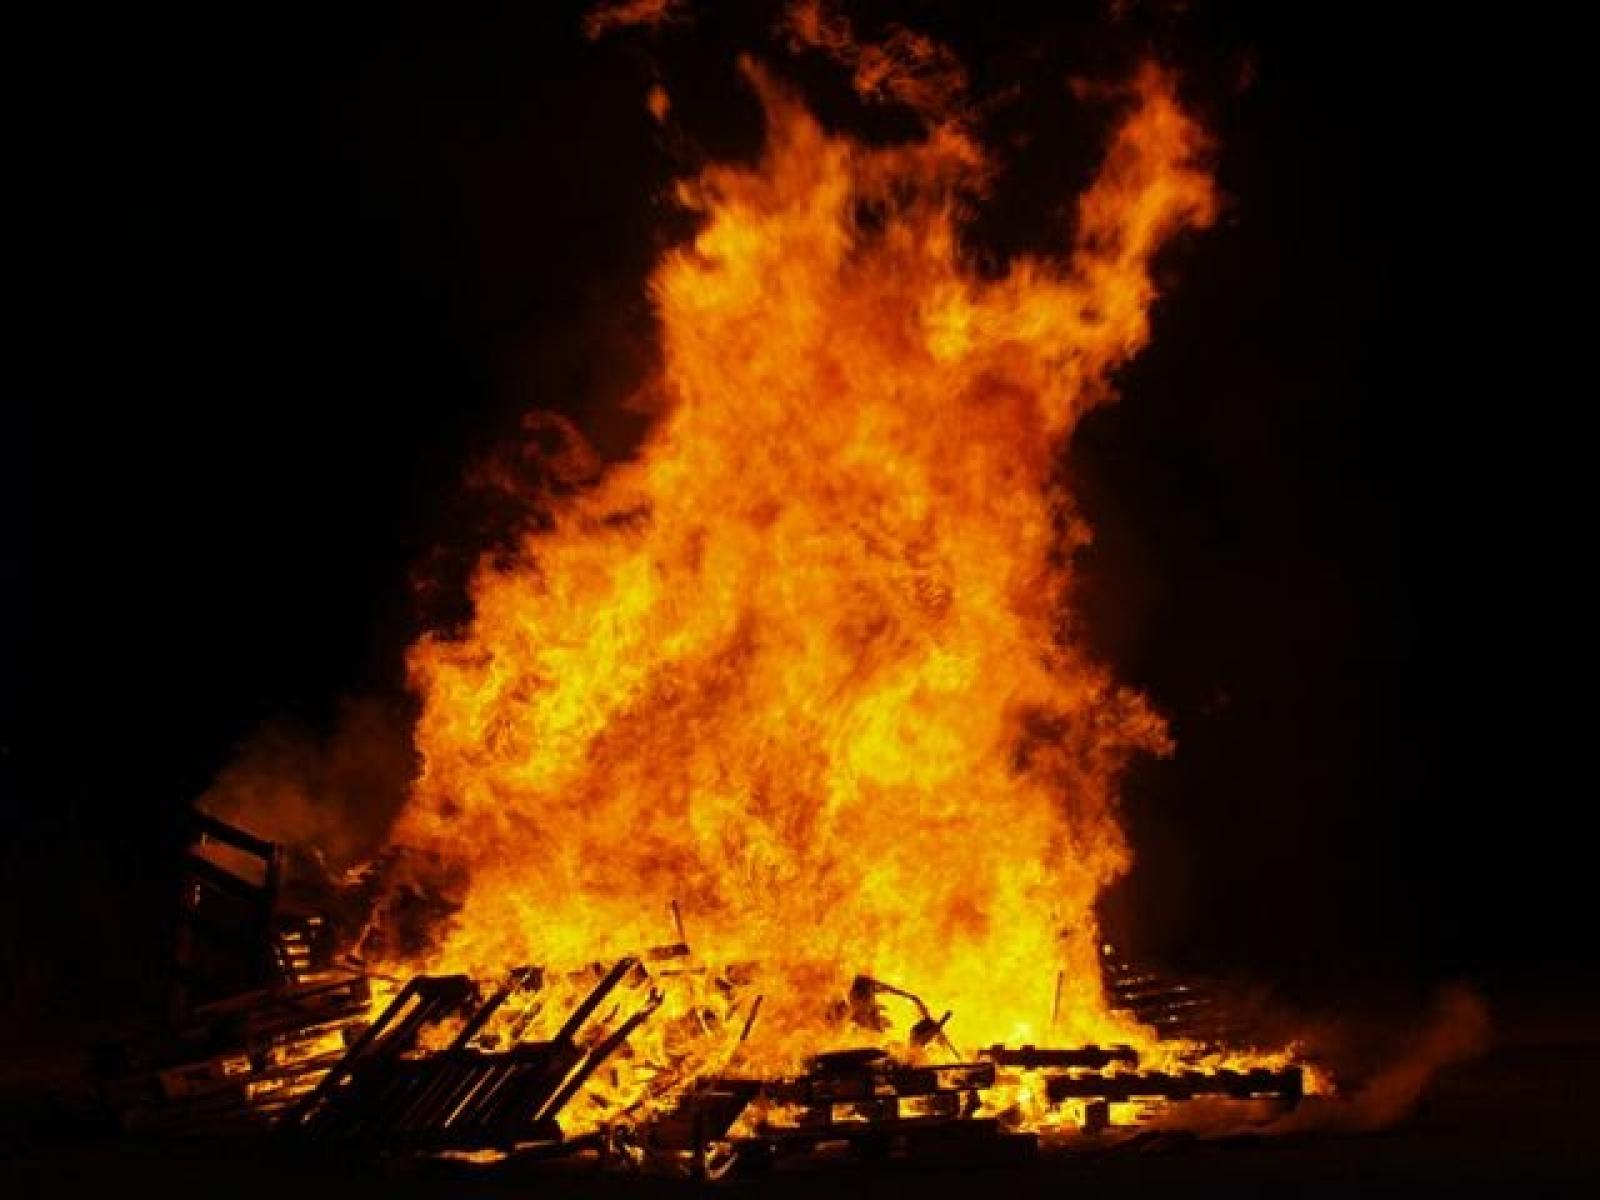 Les fogueres marquen la tradició de la nit de Sant Joan